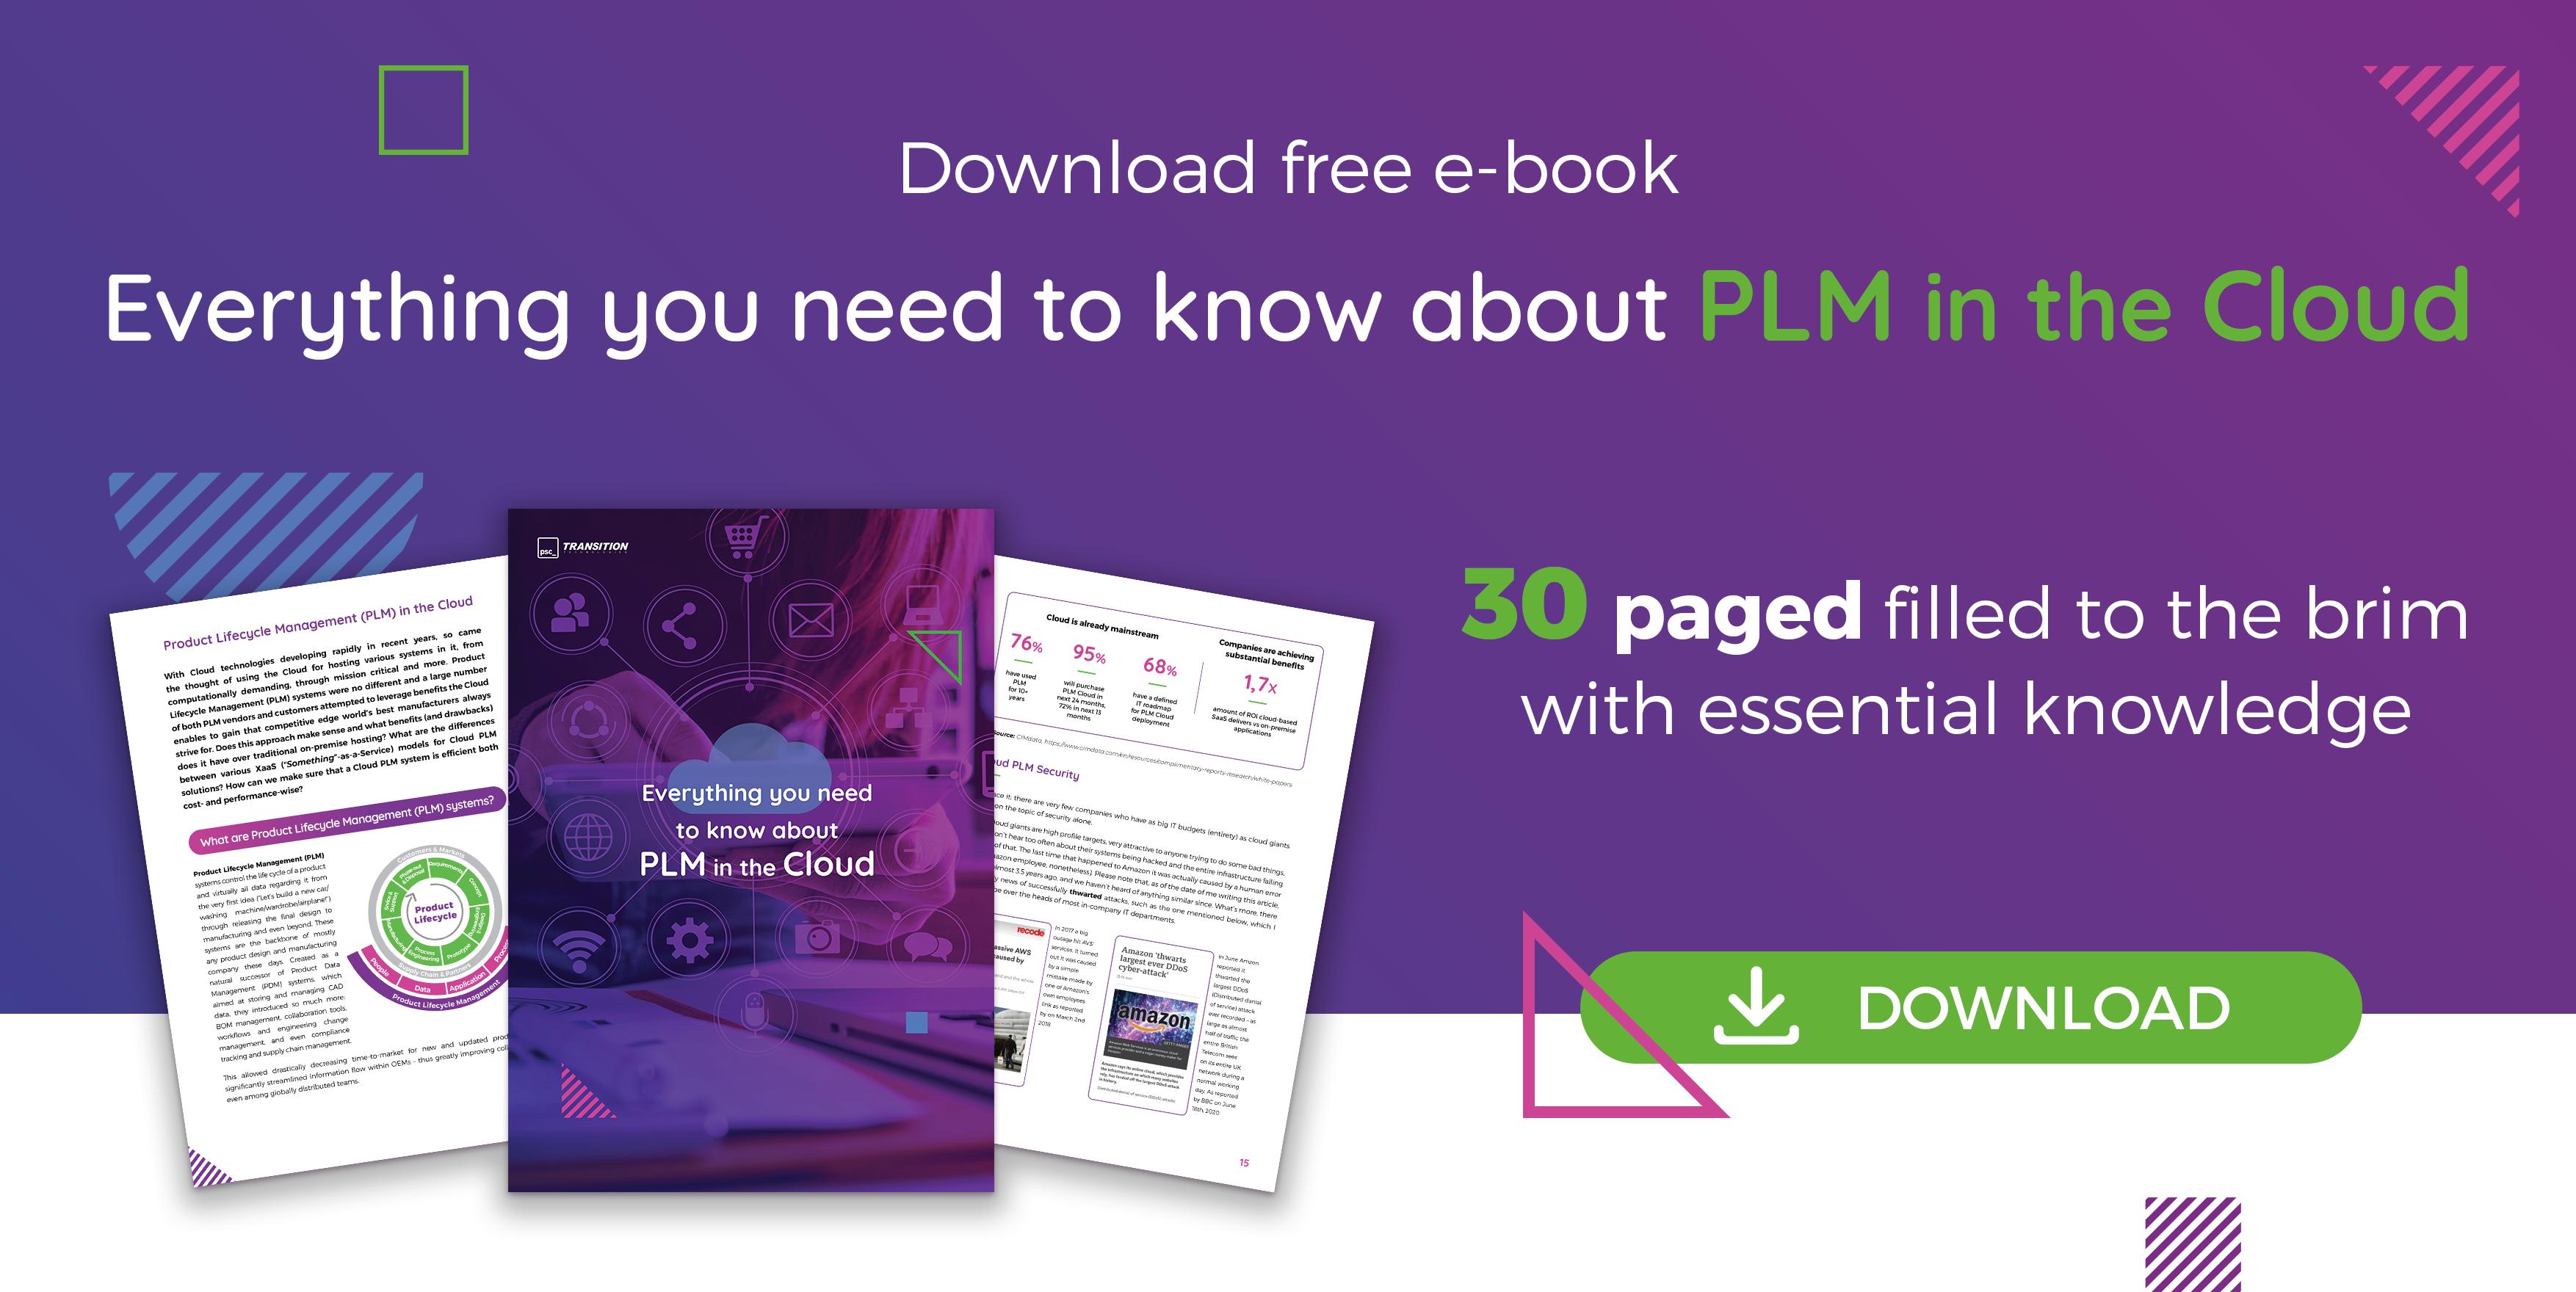 PLM CLOUD free ebook